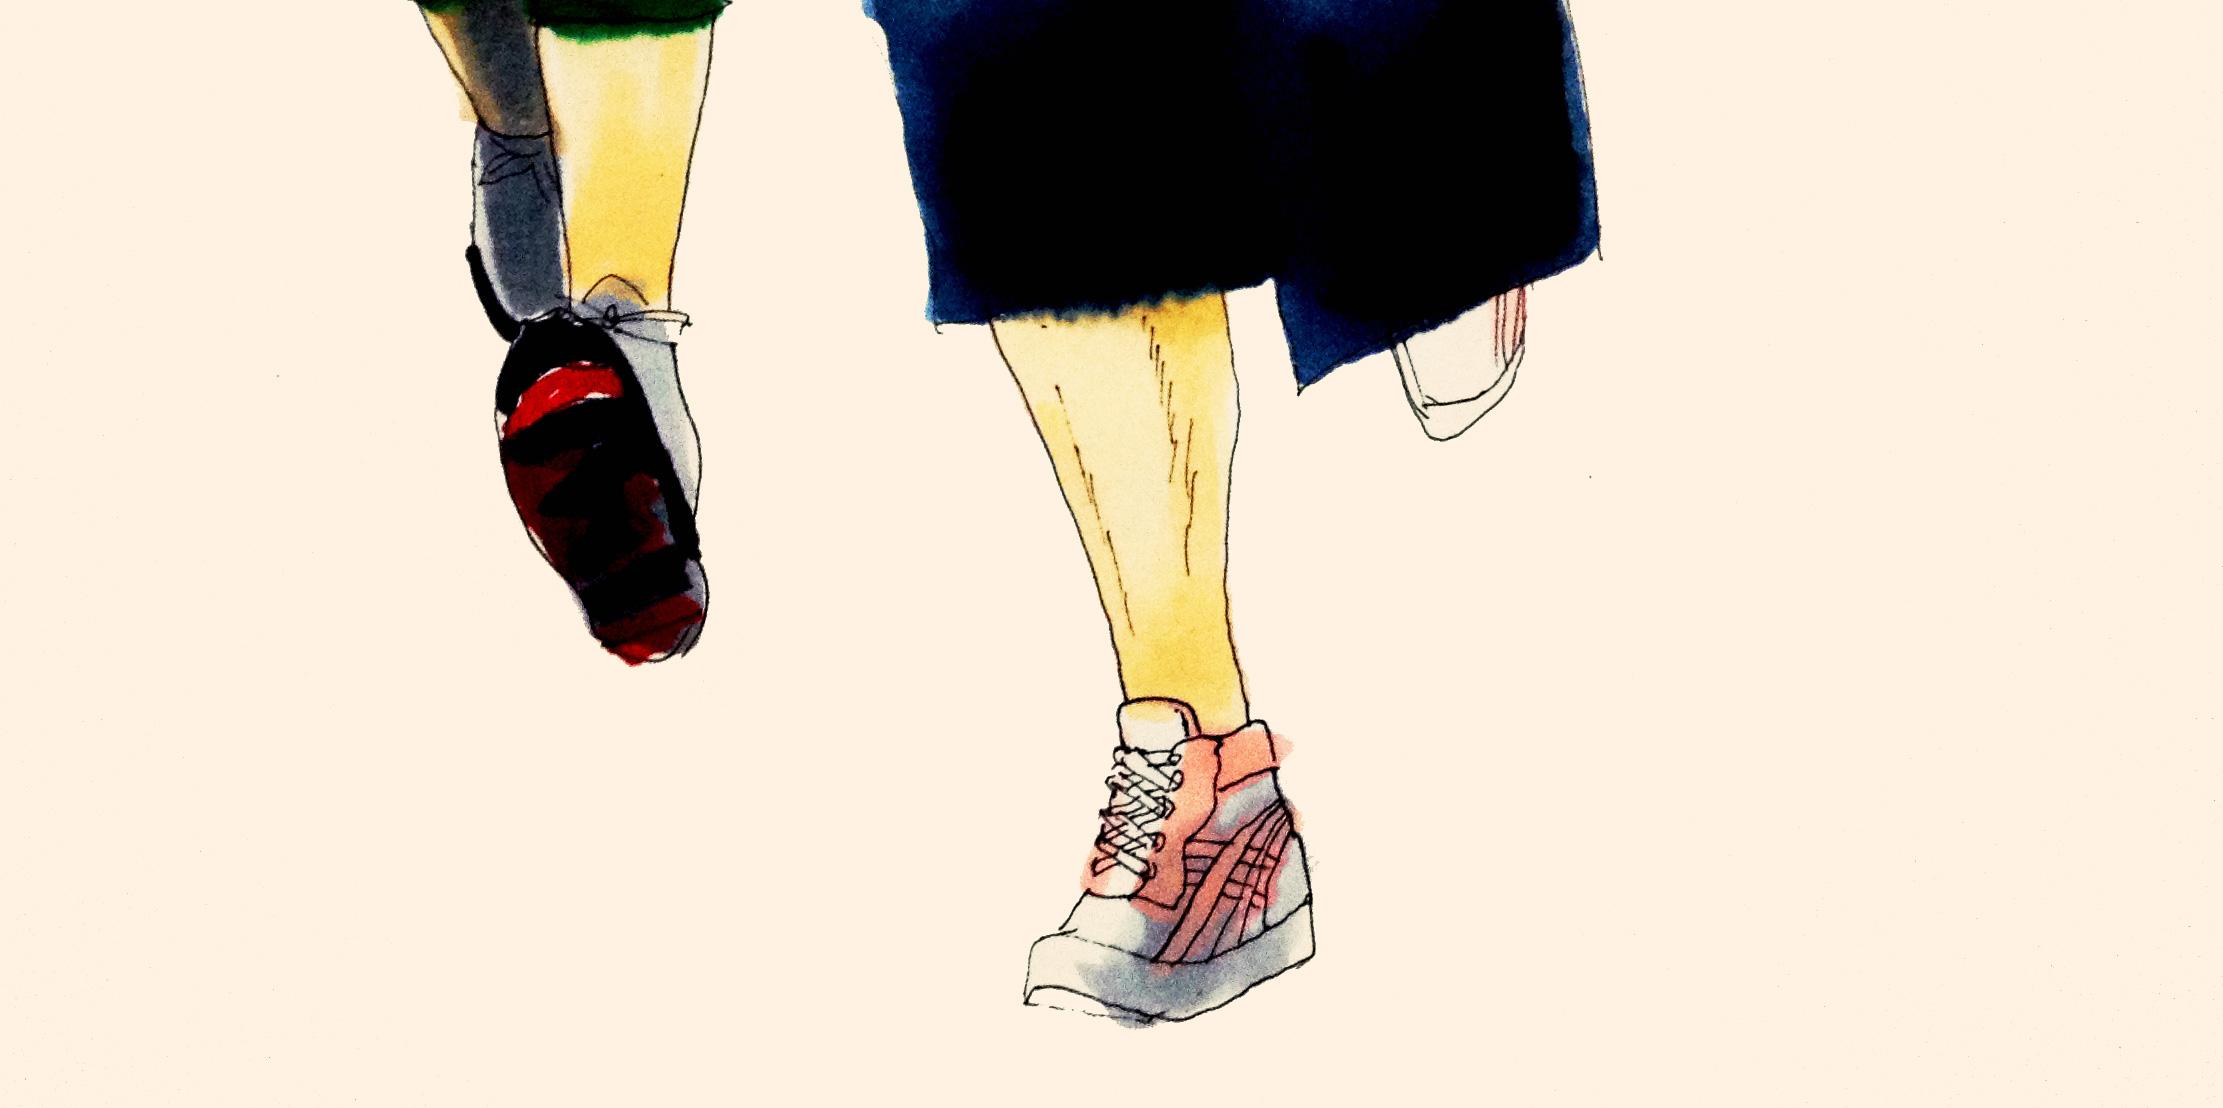 マラソンのランニングのイメージをコピックで描いたイラスト